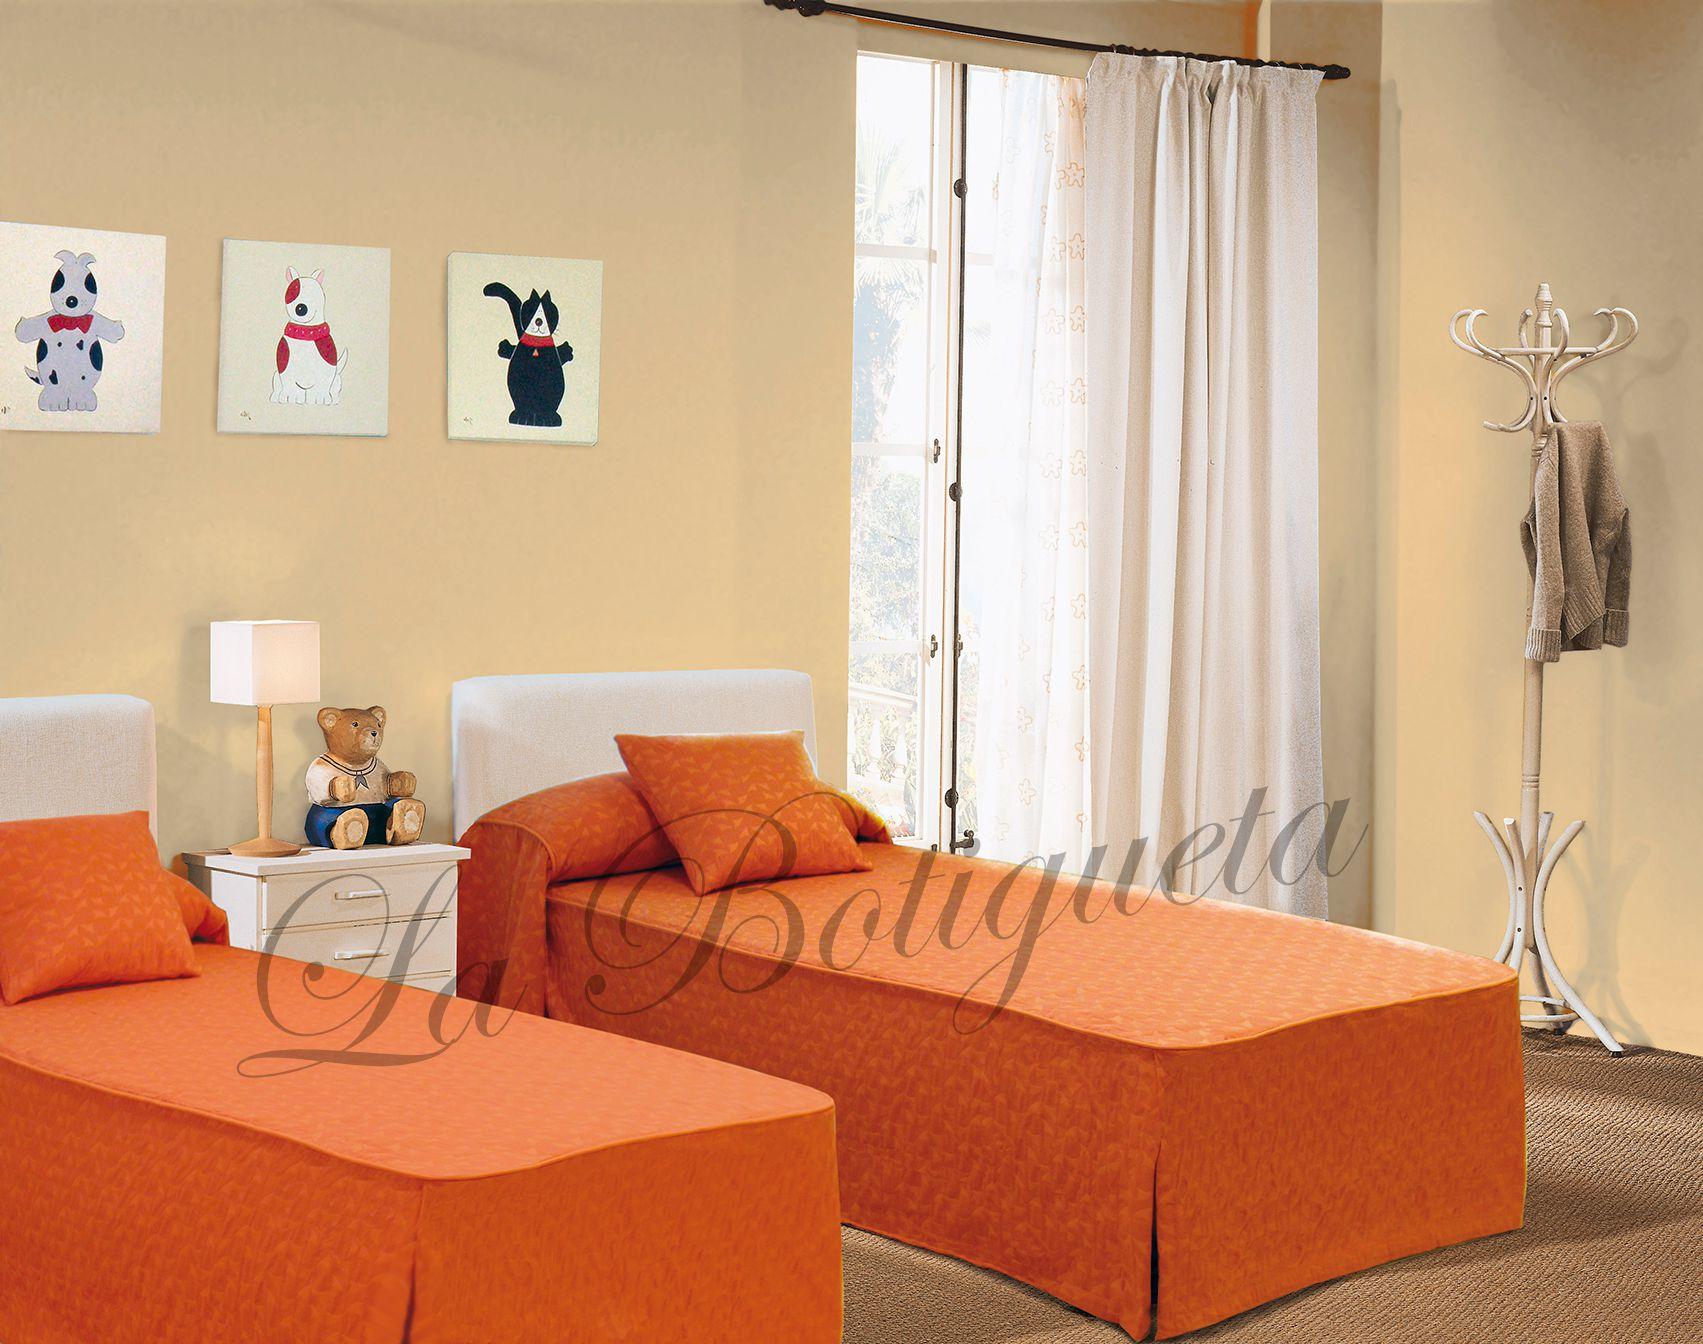 Estores y cortinas para habitaciones juveniles modernas y - Cortinas para dormitorio juvenil ...